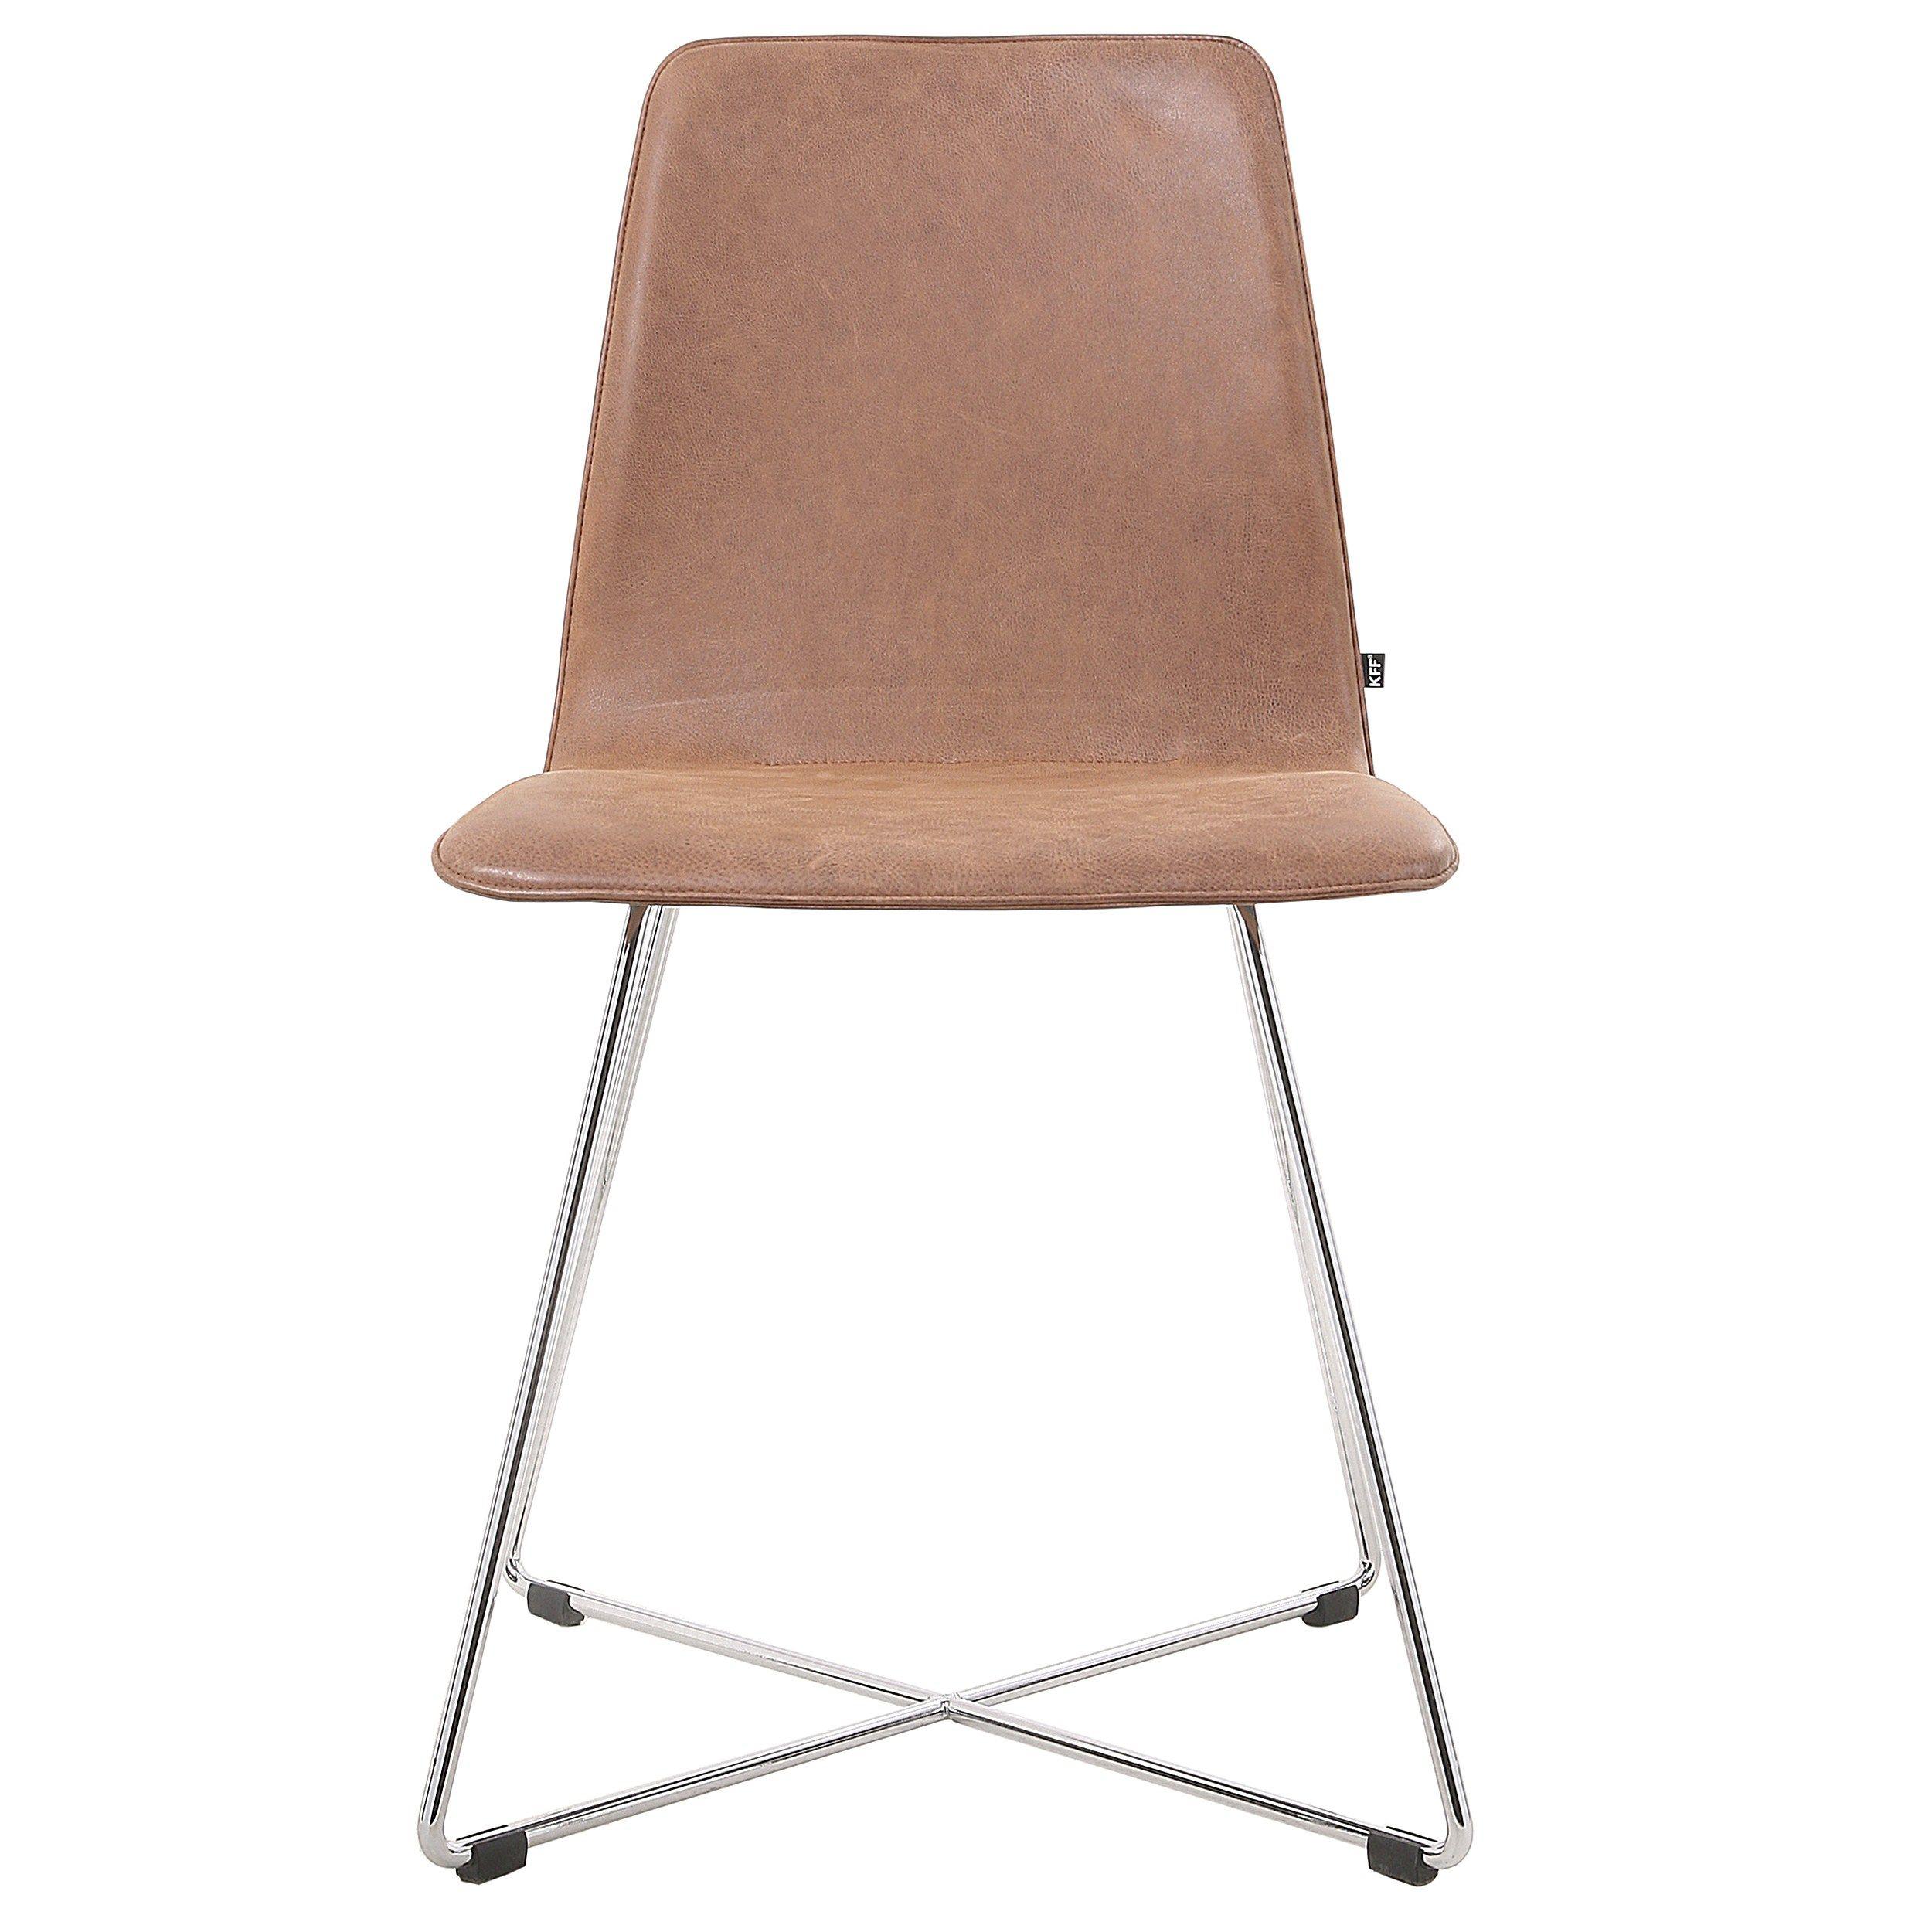 maverick stuhl aus leder by kff design birgit hoffmann. Black Bedroom Furniture Sets. Home Design Ideas